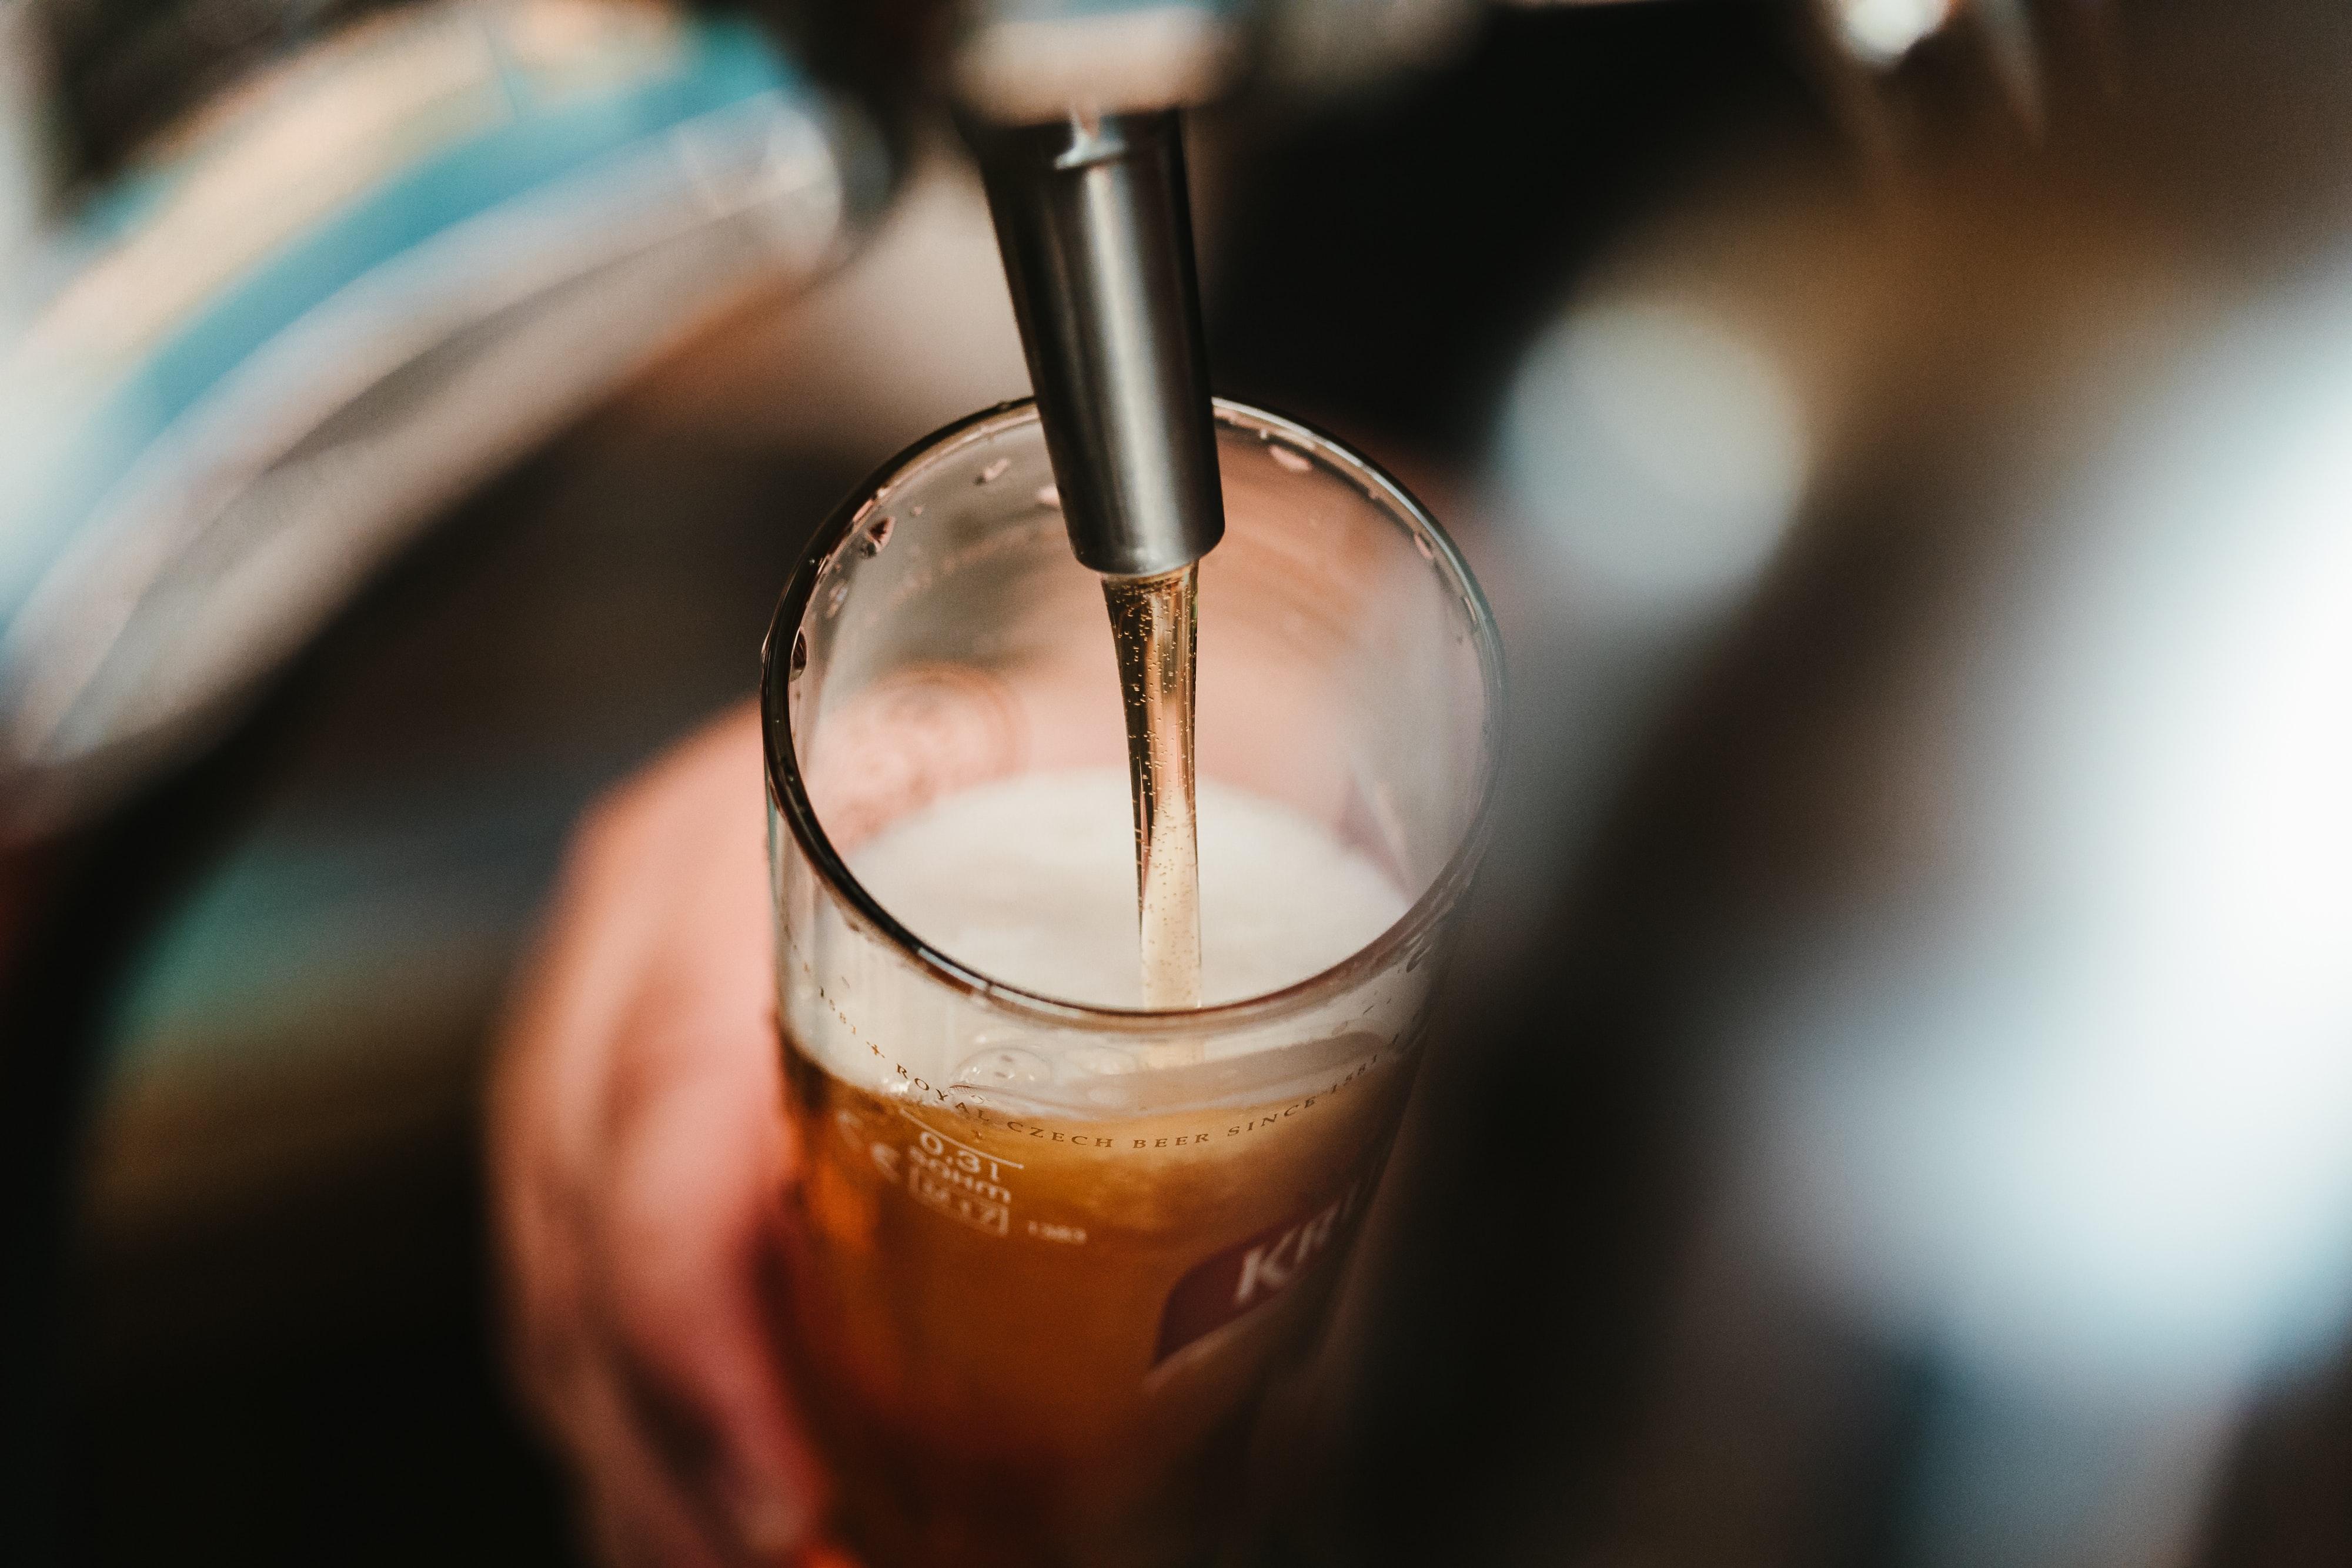 さば銀は中野・神田で人気の居酒屋!おすすめメニューをチェック!